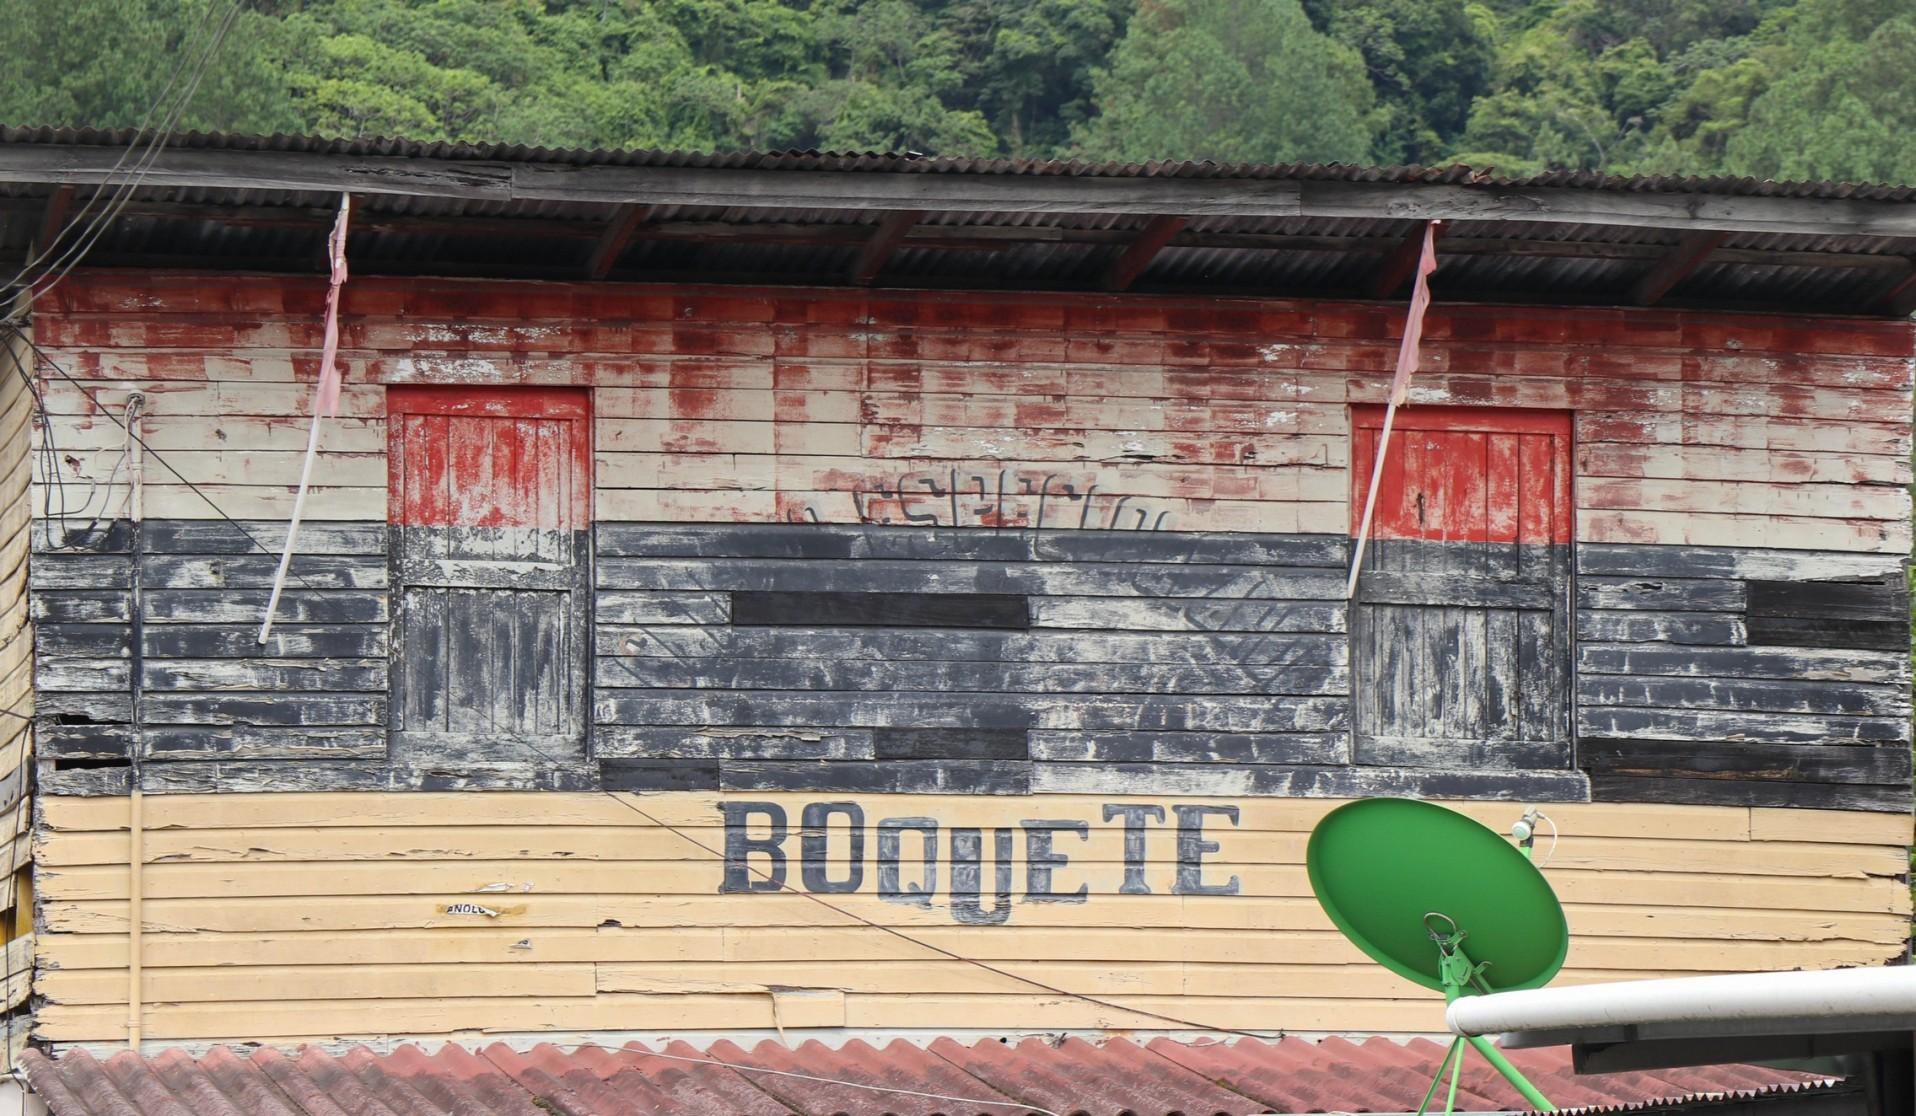 2018-07-11 Boquet-133